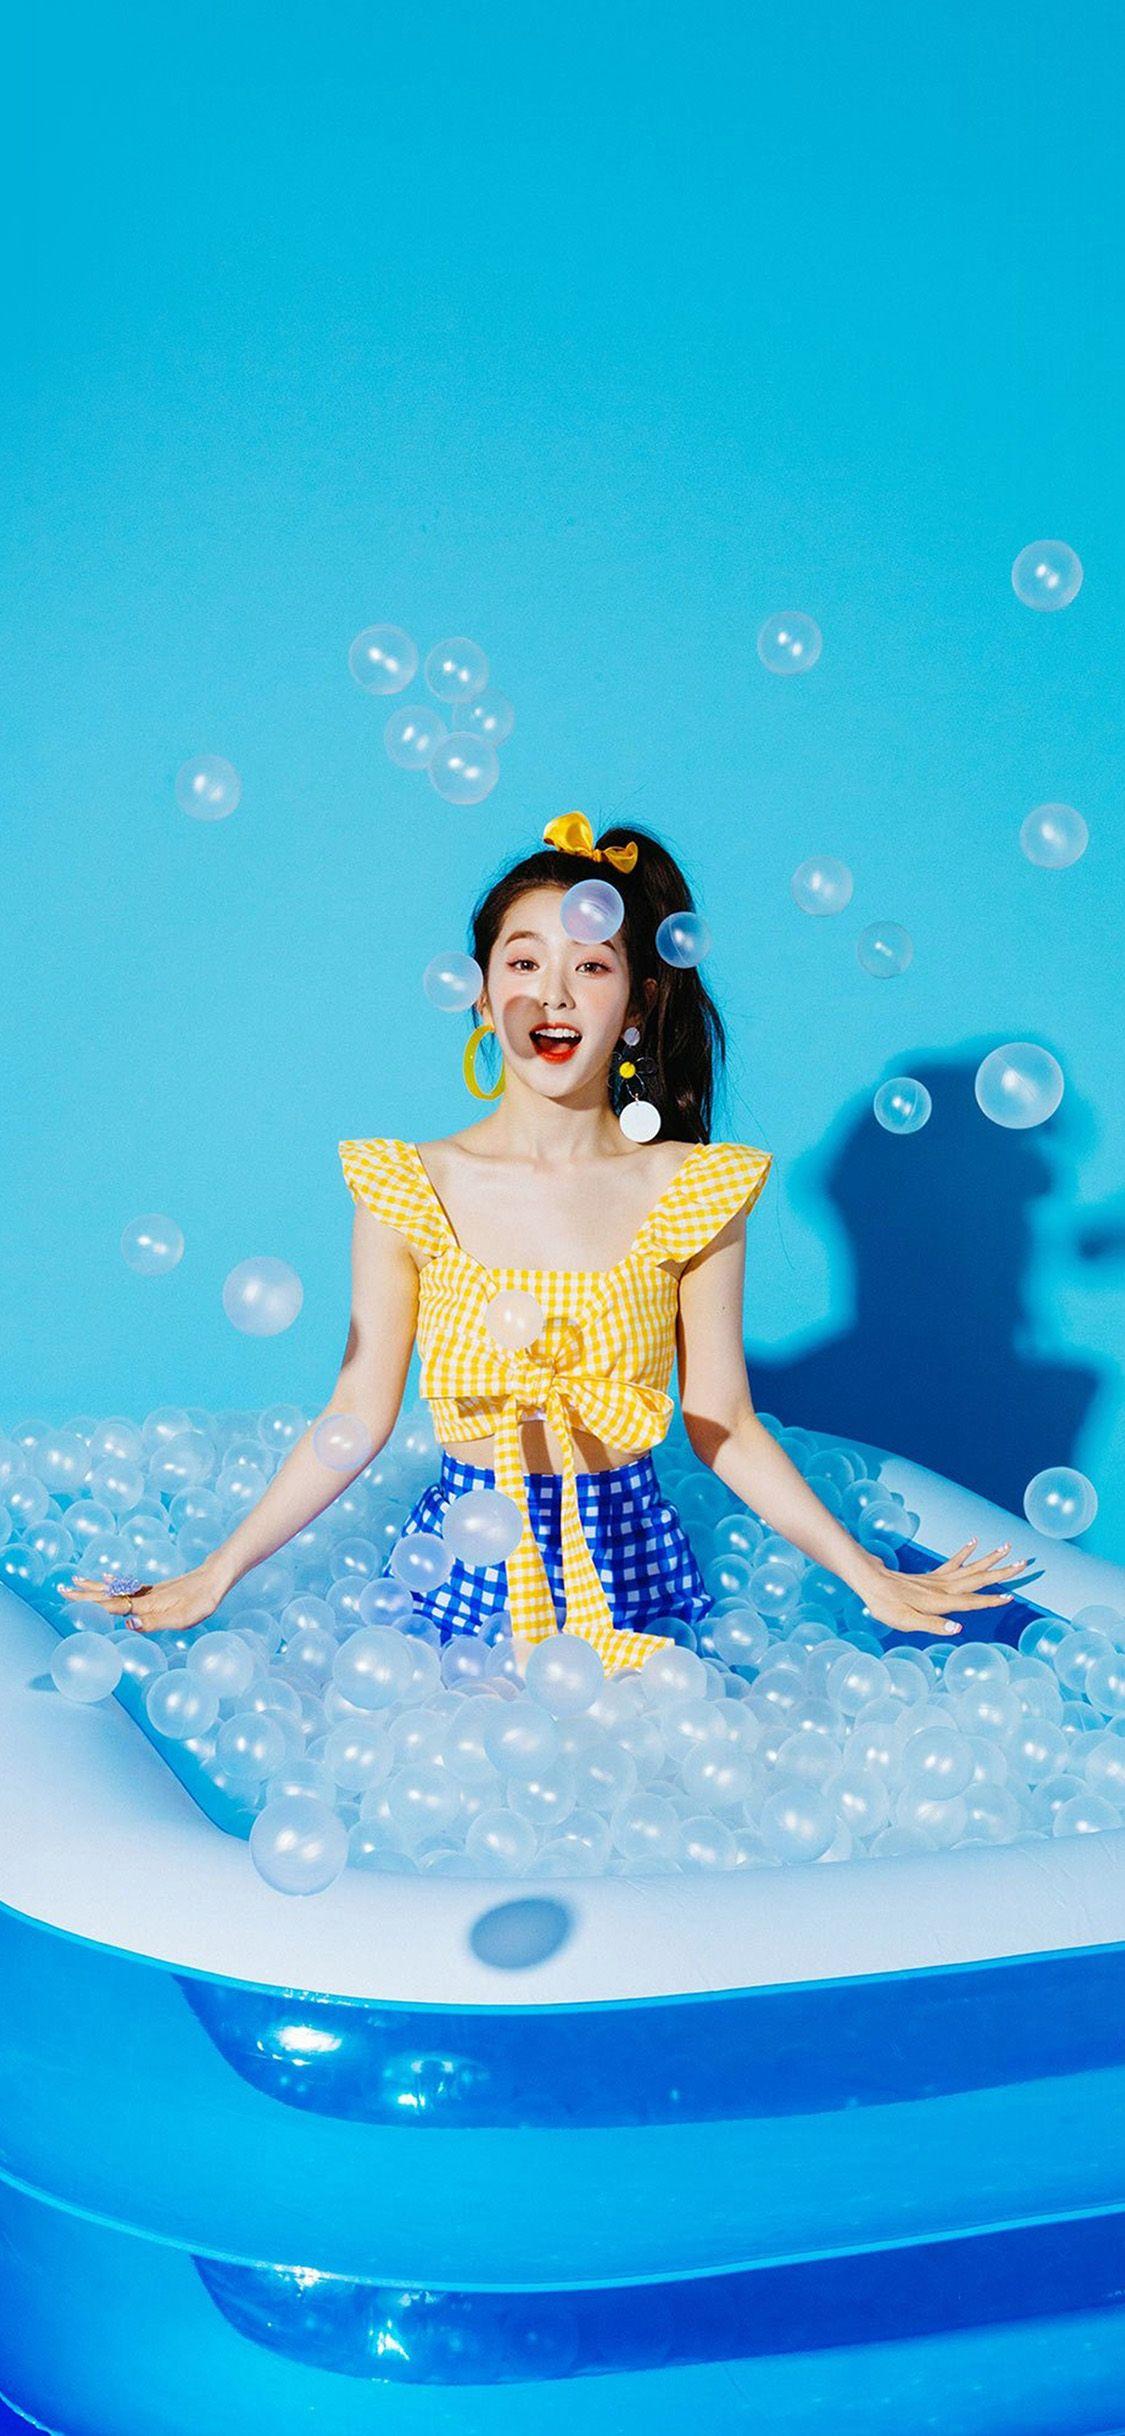 iPhoneX wallpaper: hr03-blue-girl-redvelvet-kpop-summer ...